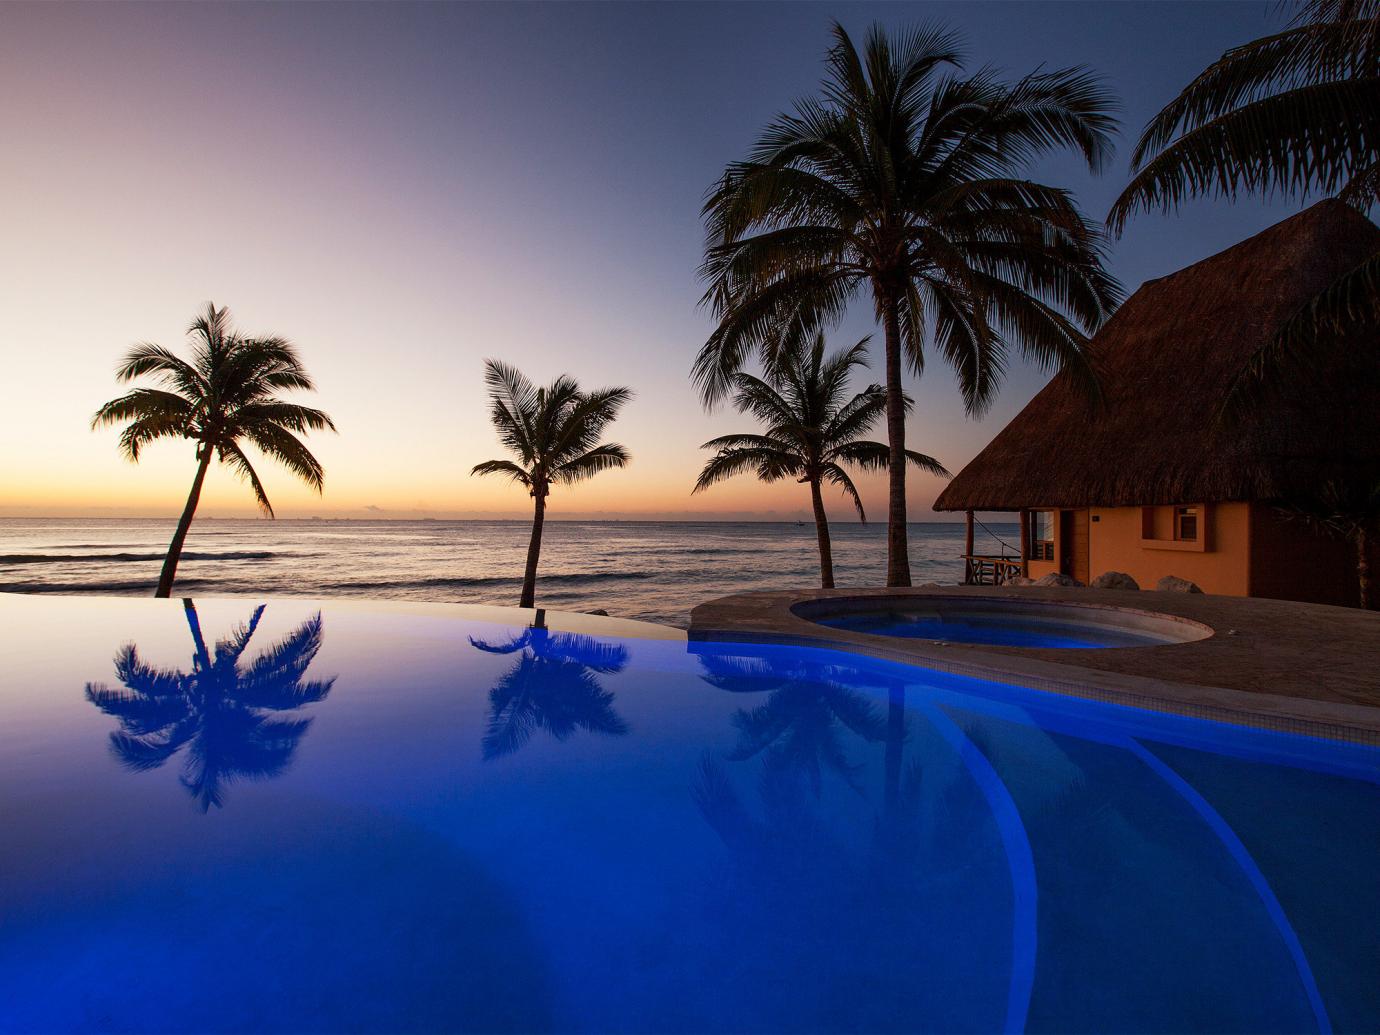 Mahekal Beach Resort pool at dusk